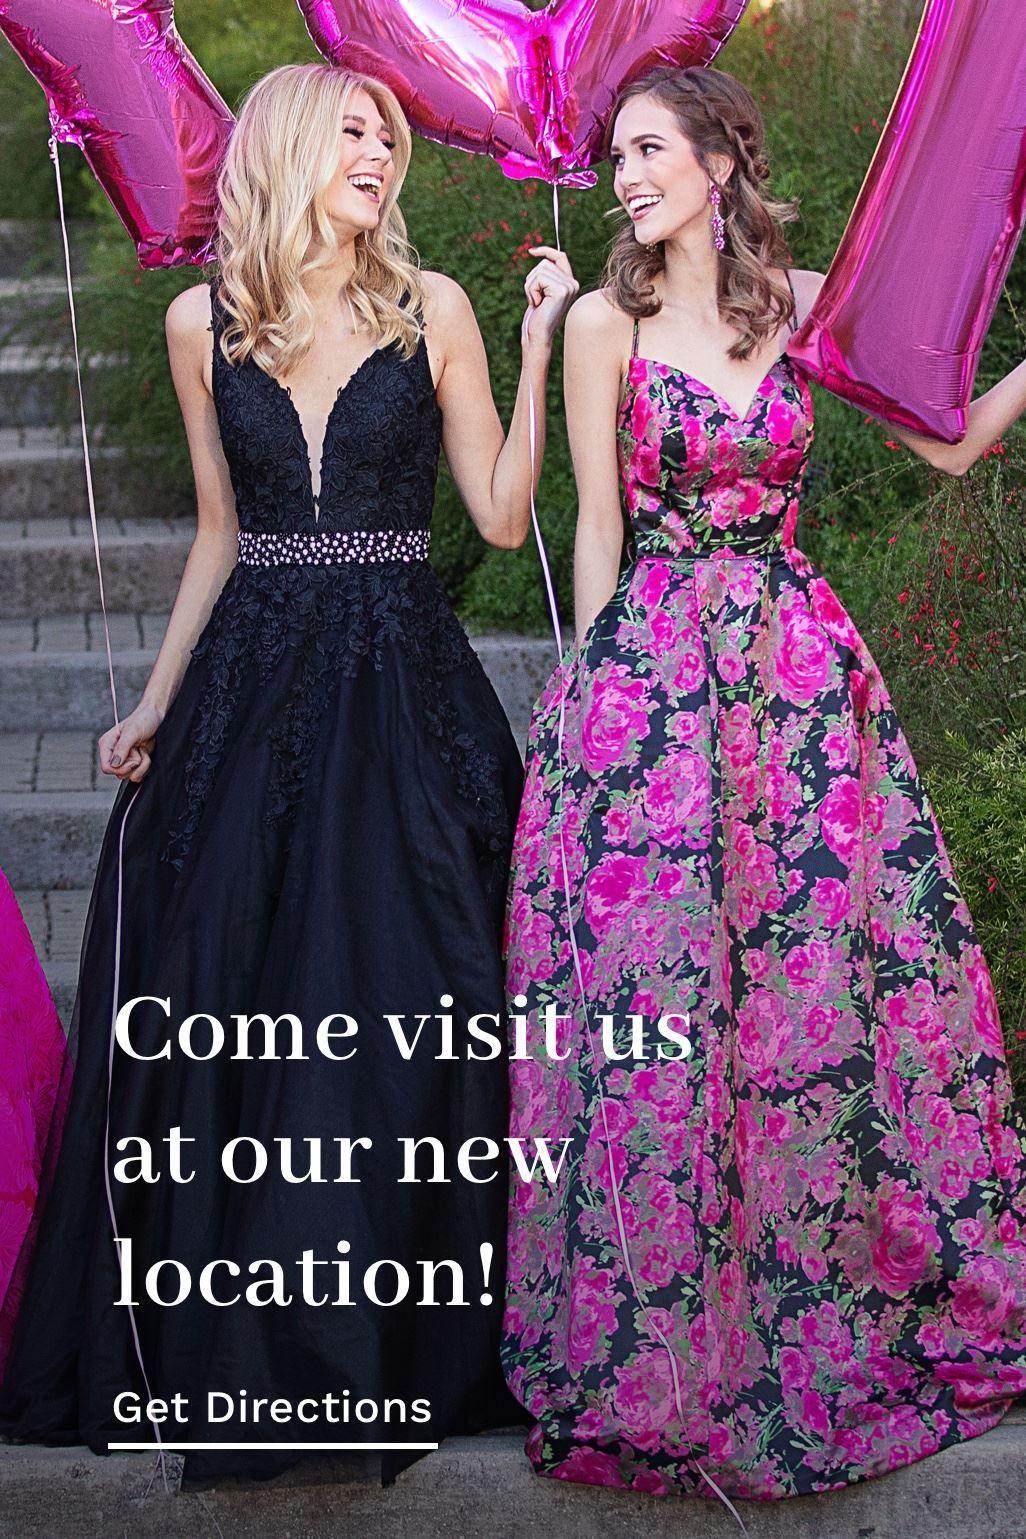 Gautier Premier Dress Shop In San Antonio Tx Formal Dress Shops Premier Dress Grape Prom Dresses [ 1539 x 1026 Pixel ]